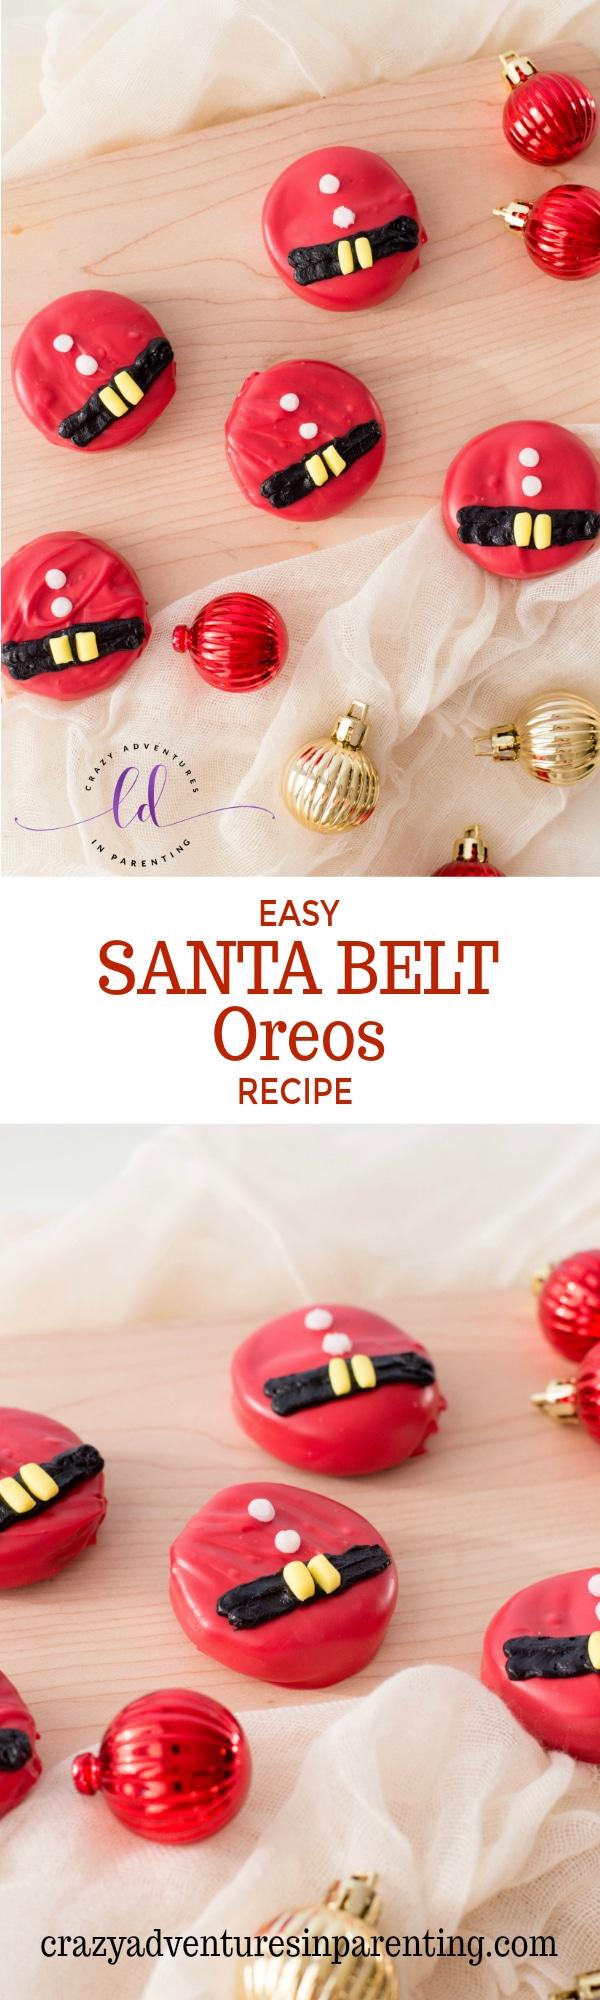 Easy Santa Belt Oreos Recipe